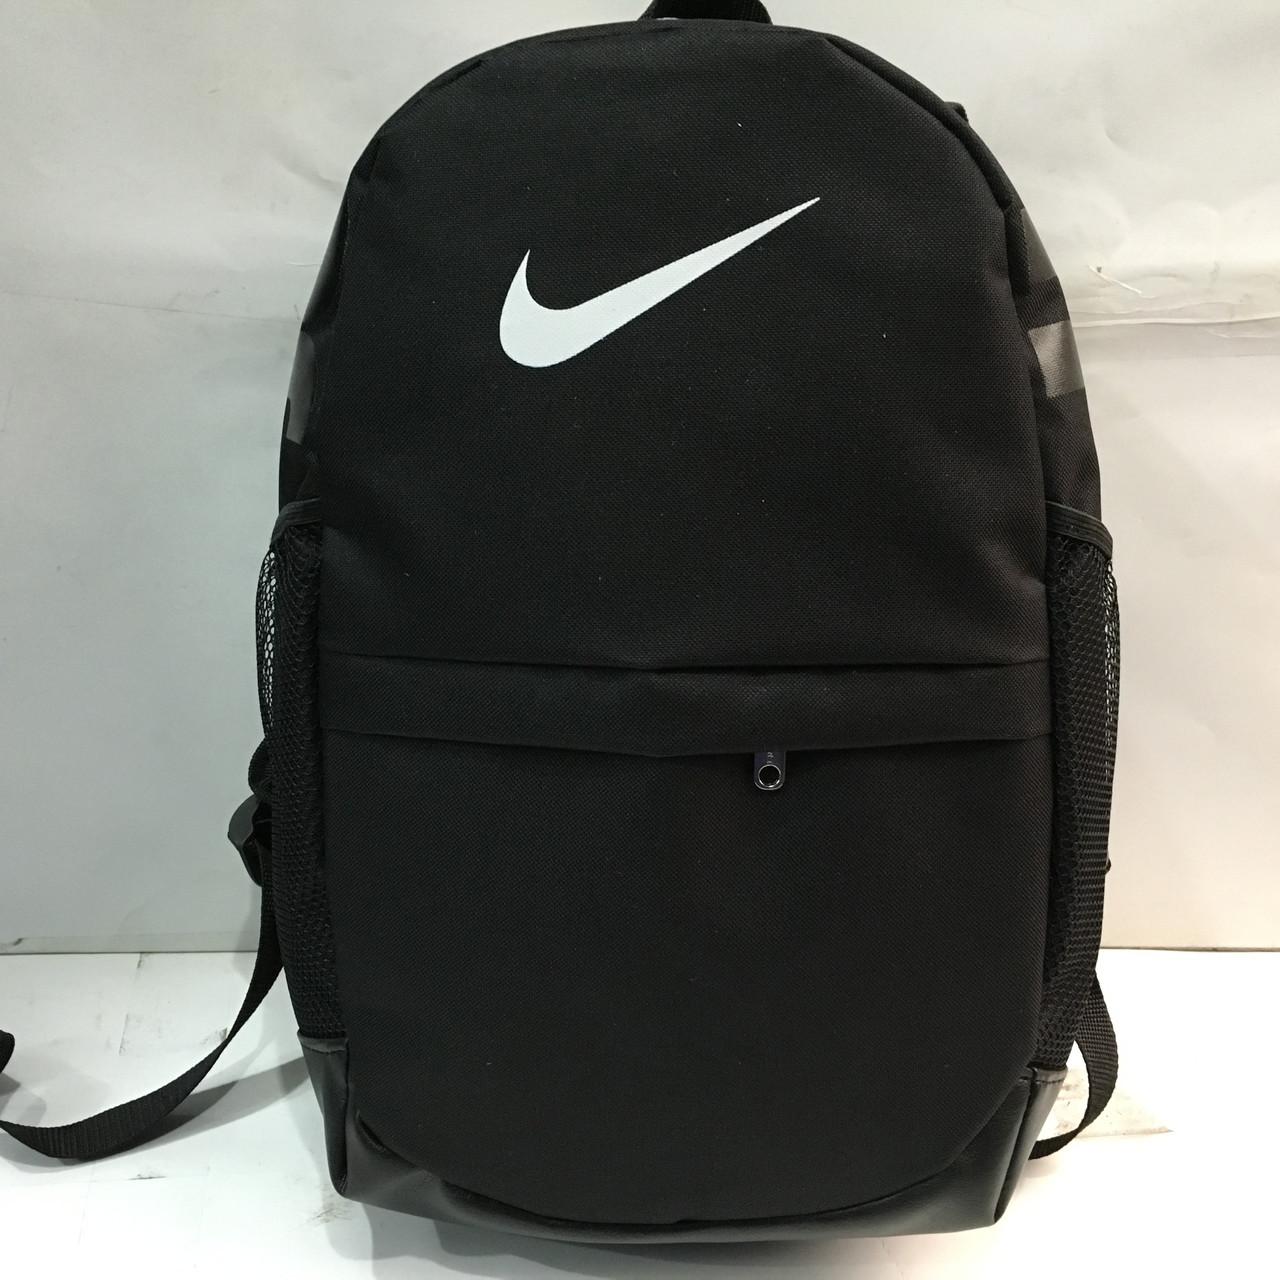 7c48146242b3 Рюкзаки спортивные и городские Nike оптом: продажа, цена в Харькове ...